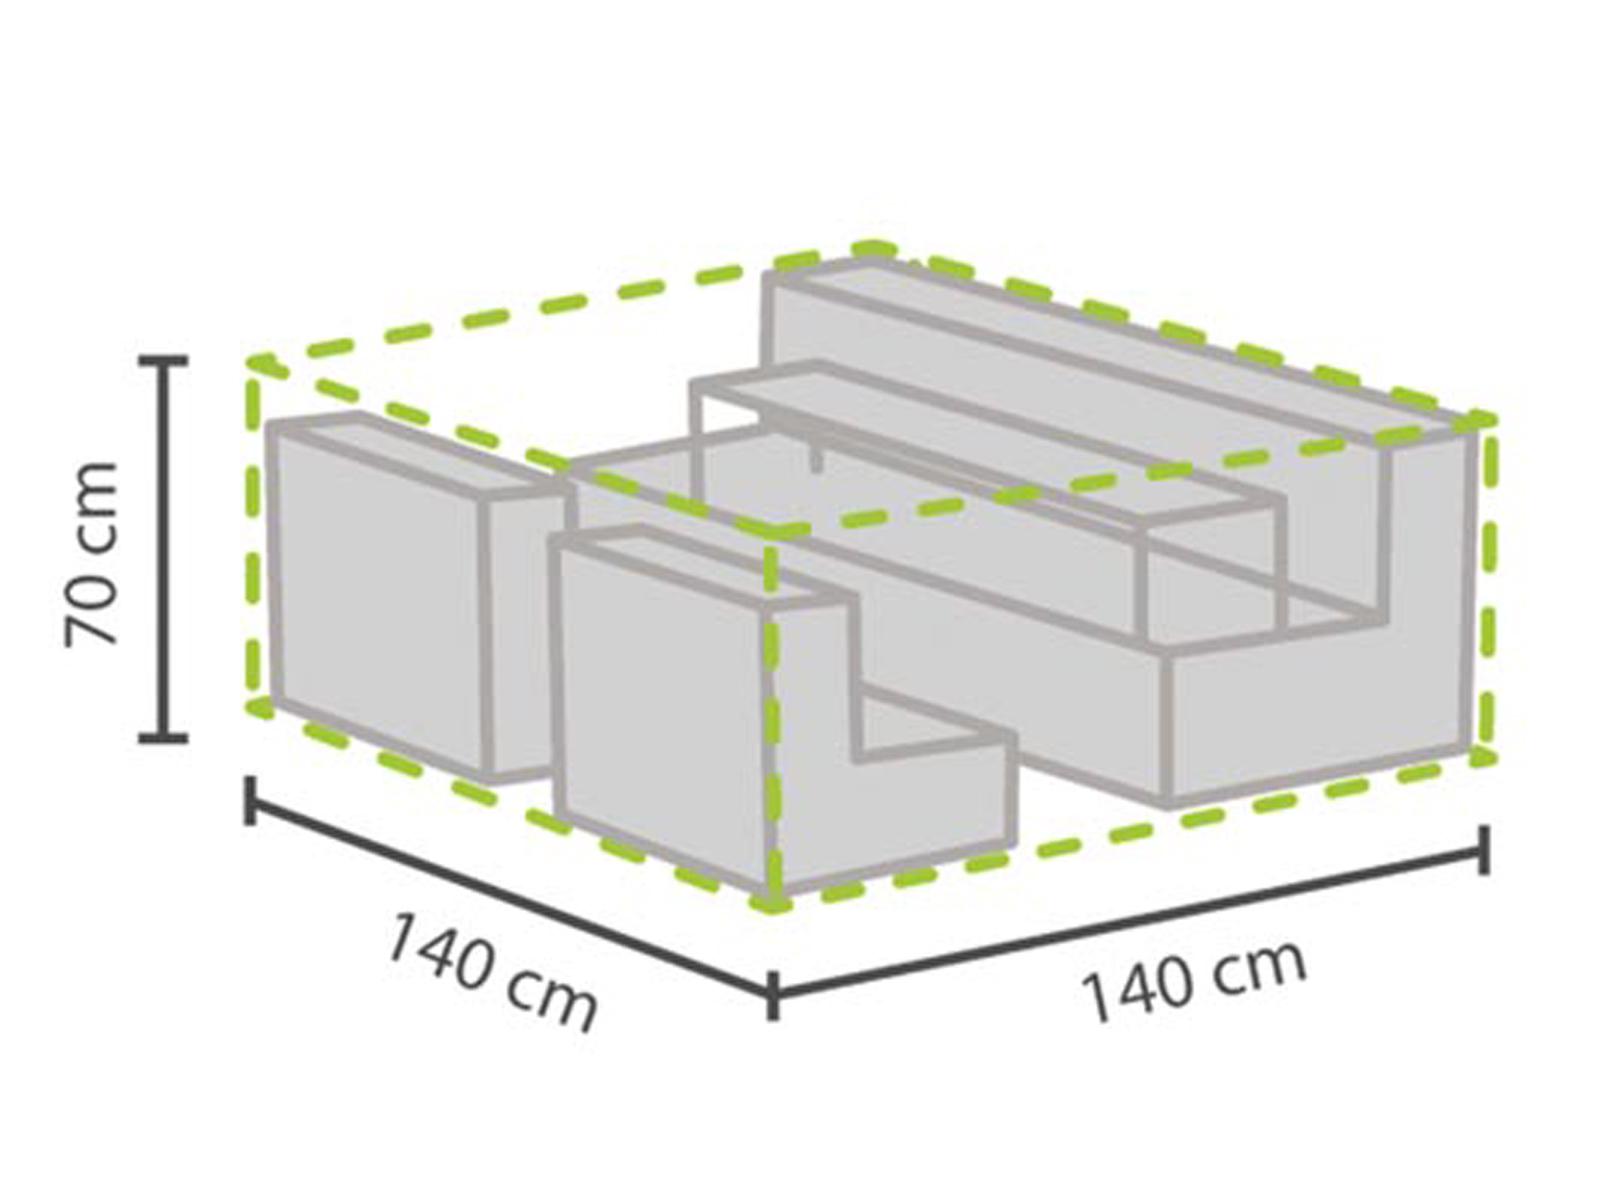 Das Bild Wird Geladen Gartenmoebel Loungemoebel Abdeckhaube  XS 140x140cm Wasserfest Schutzhuelle Plane